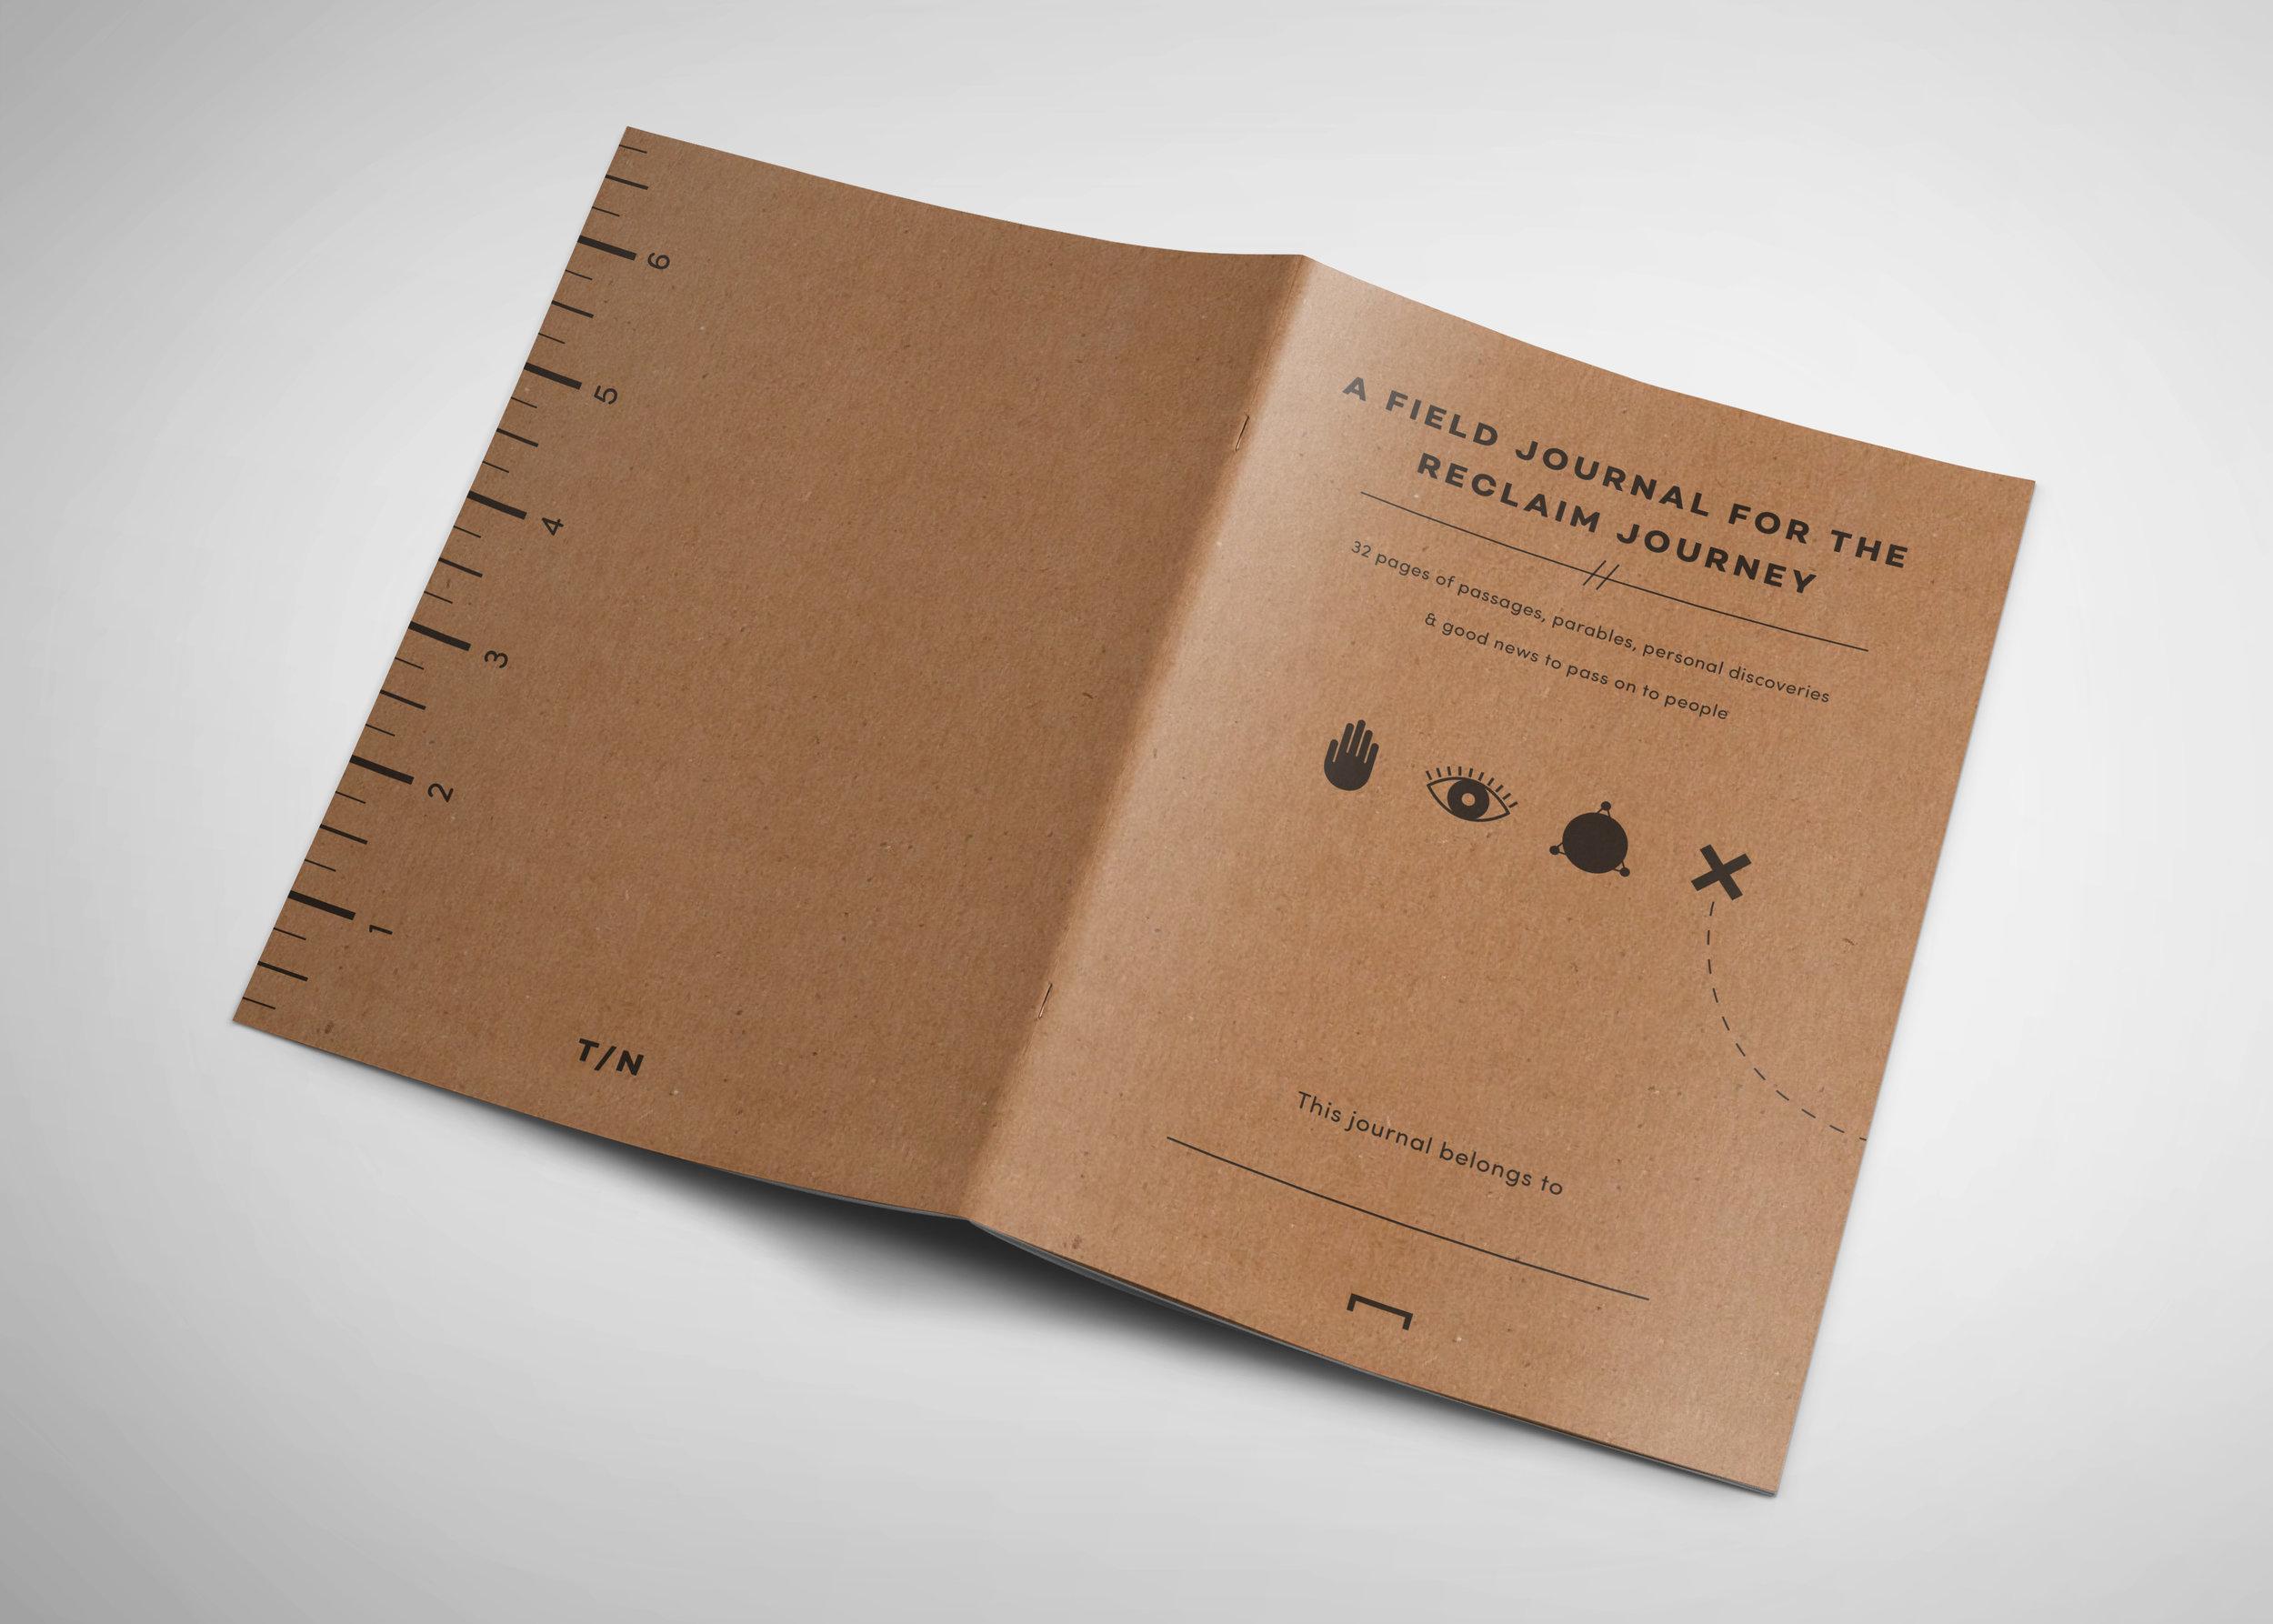 reclaim-field-journal-full-cover-mockup.jpeg